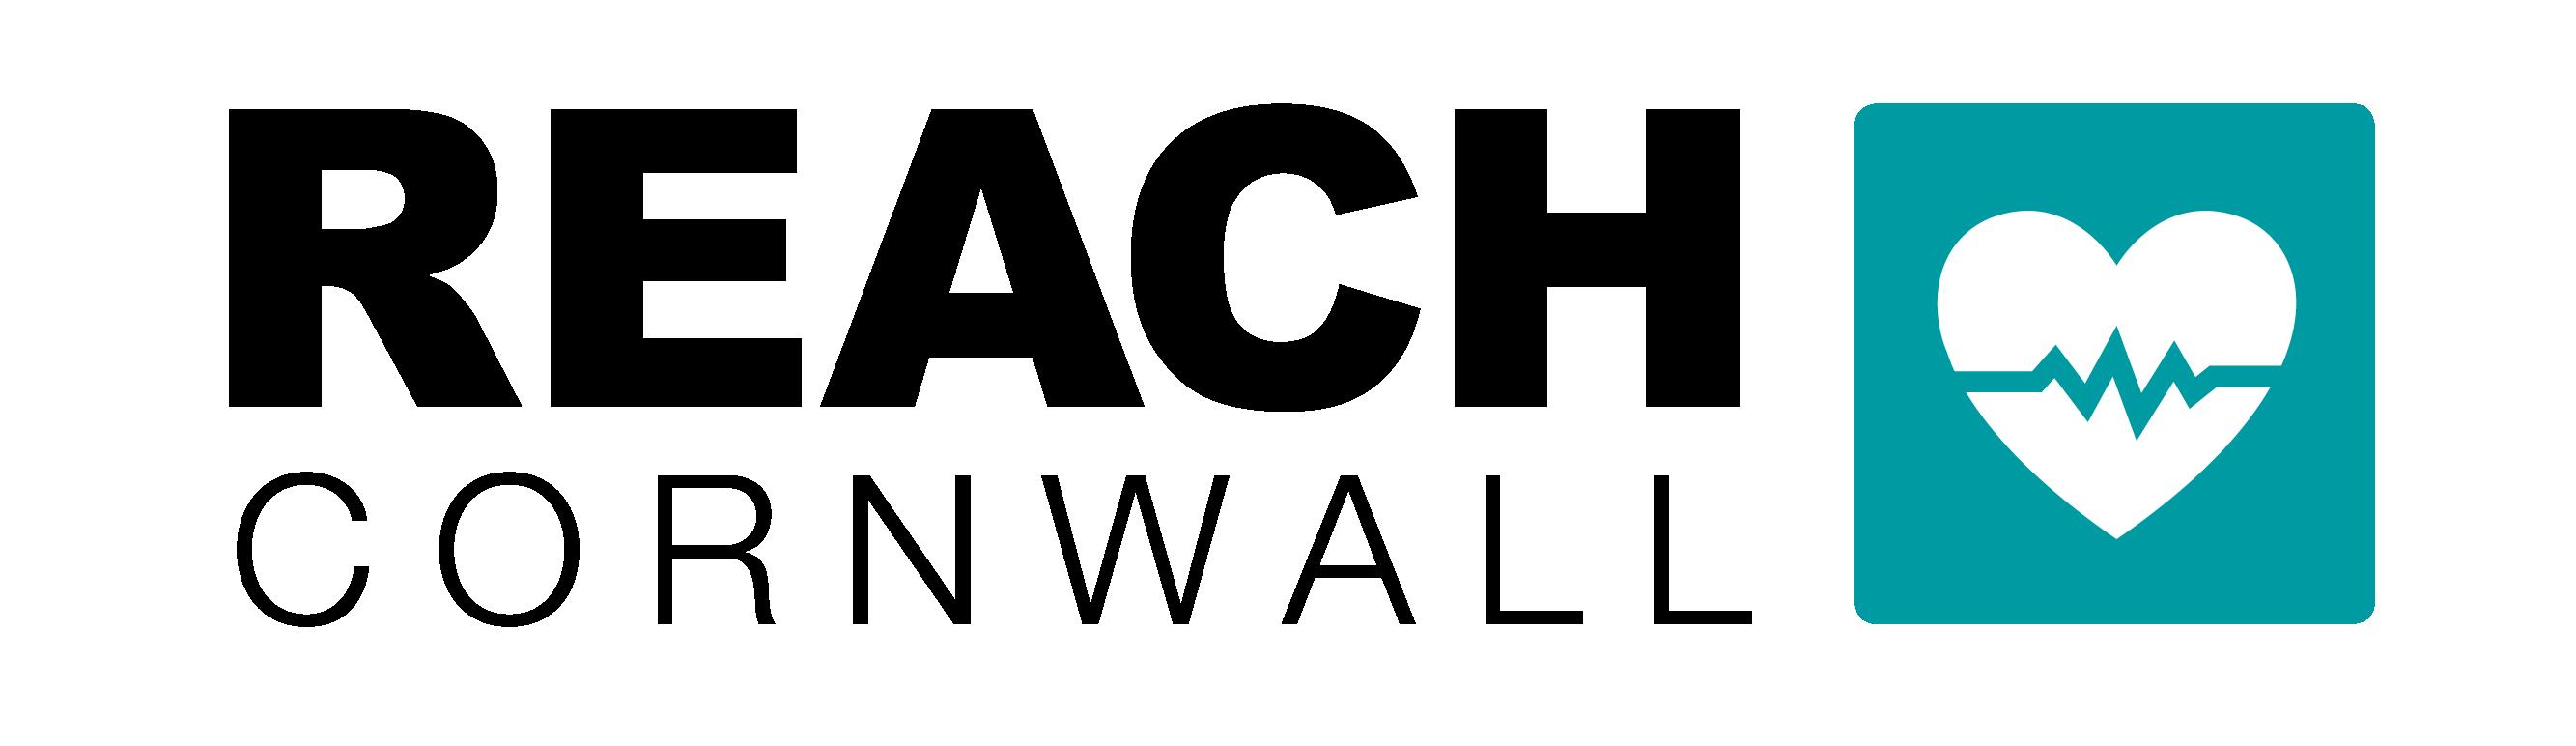 REACH Cornwall Logo